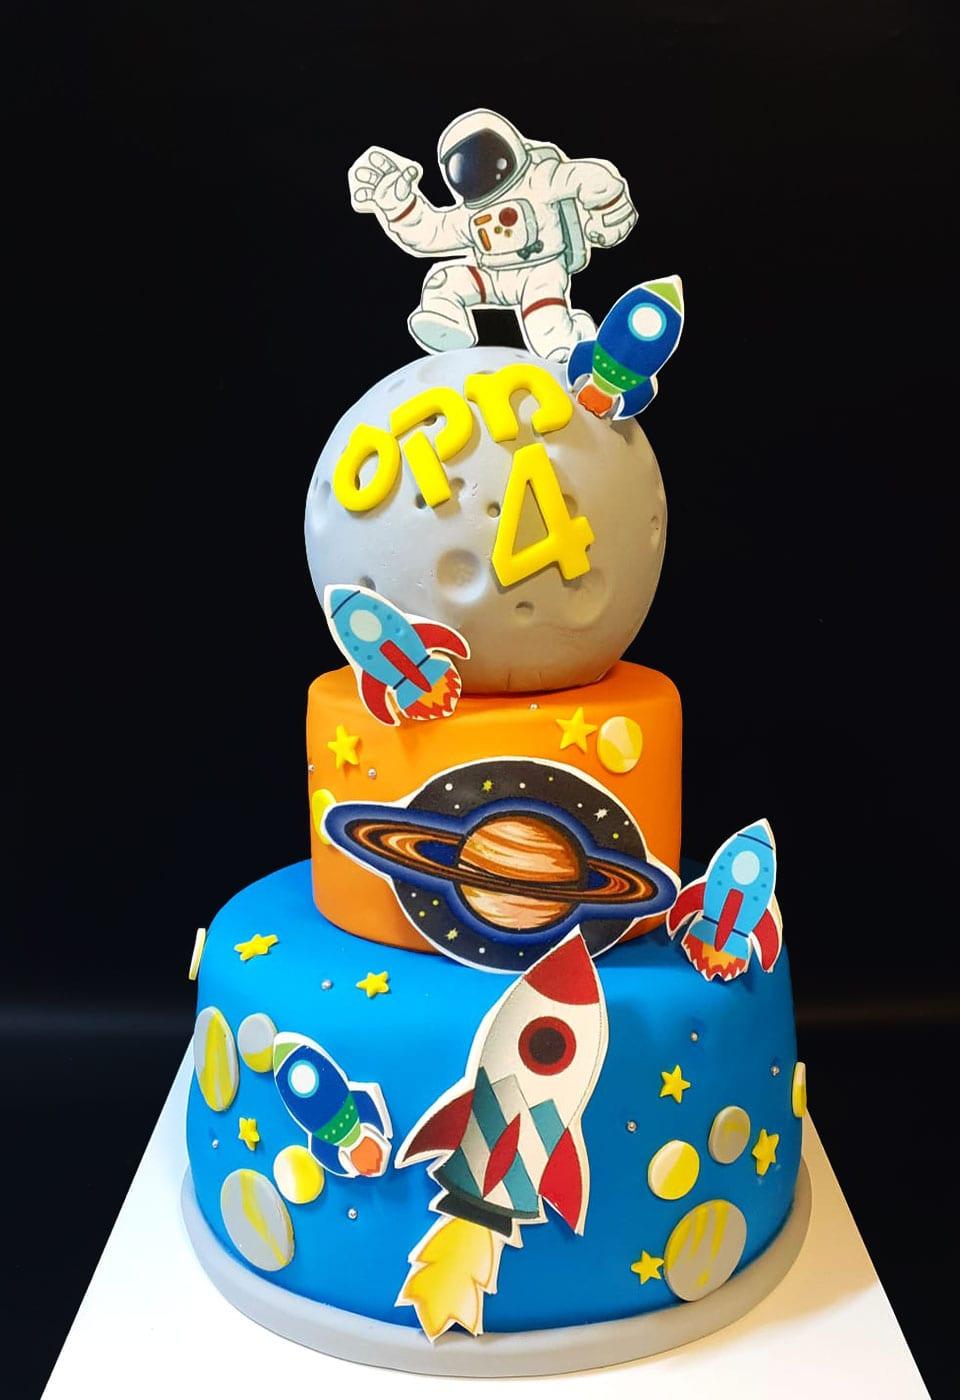 עוגת יום הולדת אסטרונאוט טייס חלל